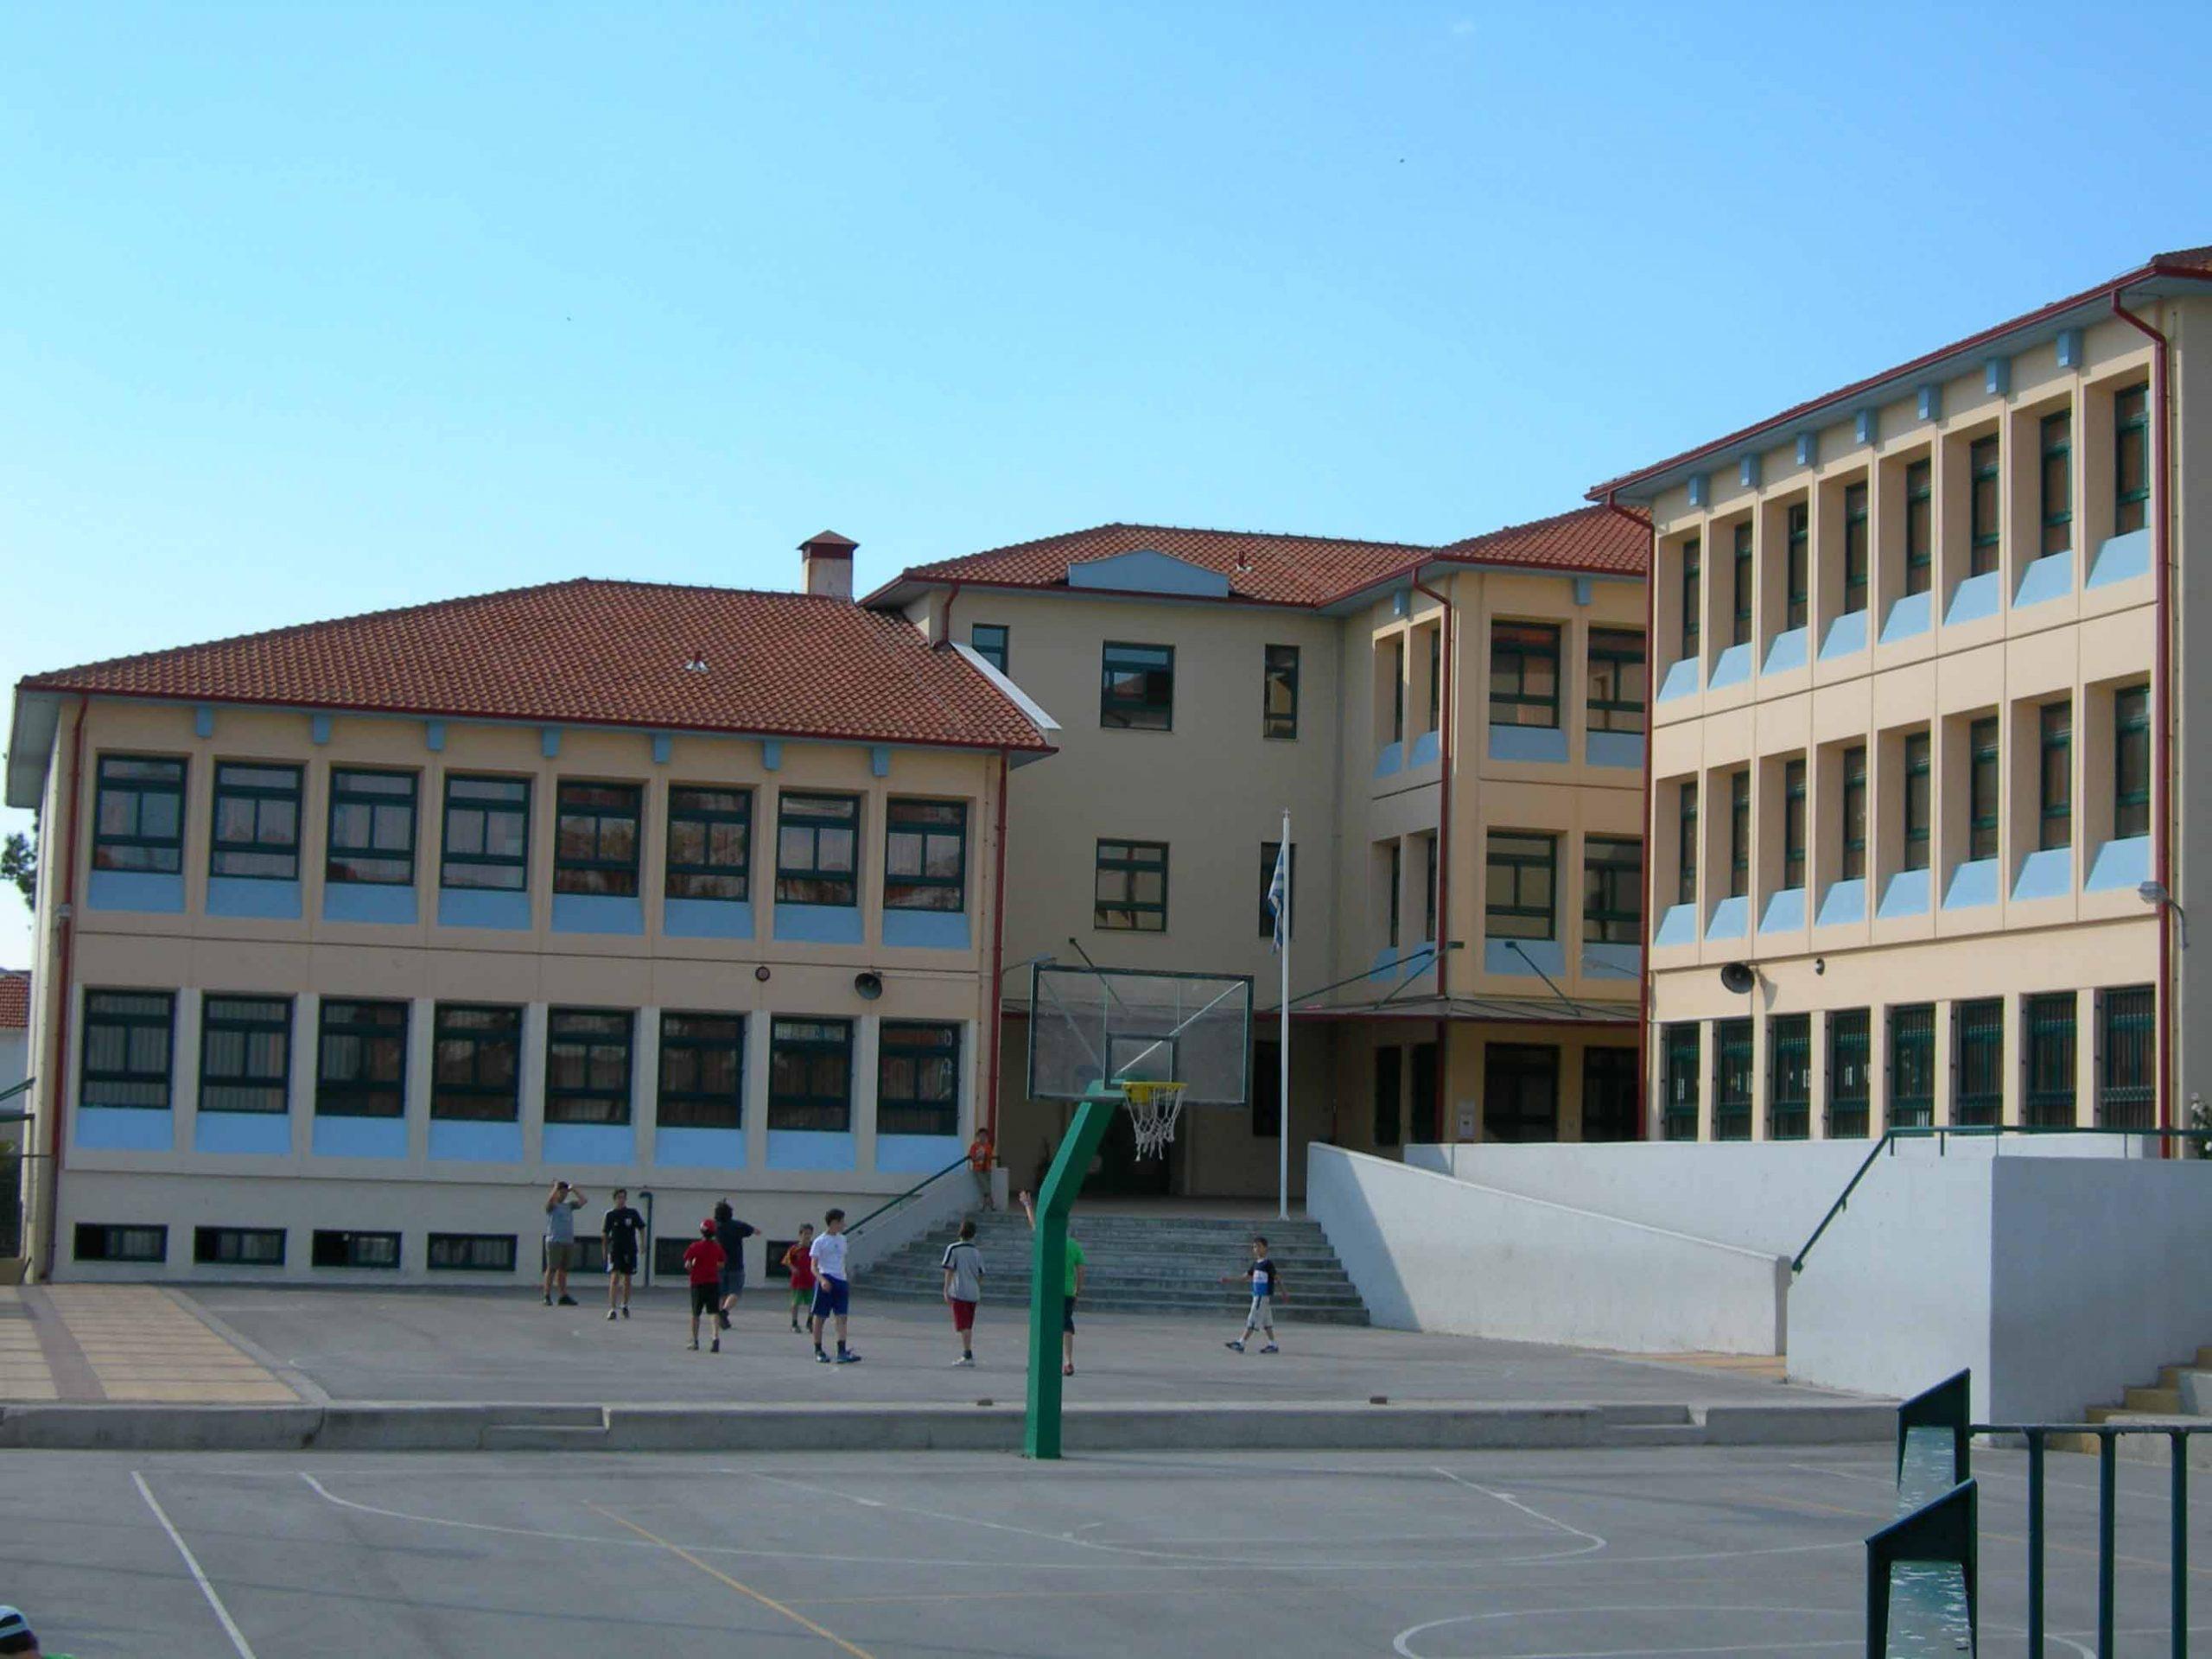 Υπουργείο Παιδείας: Στις 9 θα ξεκινούν Γυμνάσια και Λύκεια